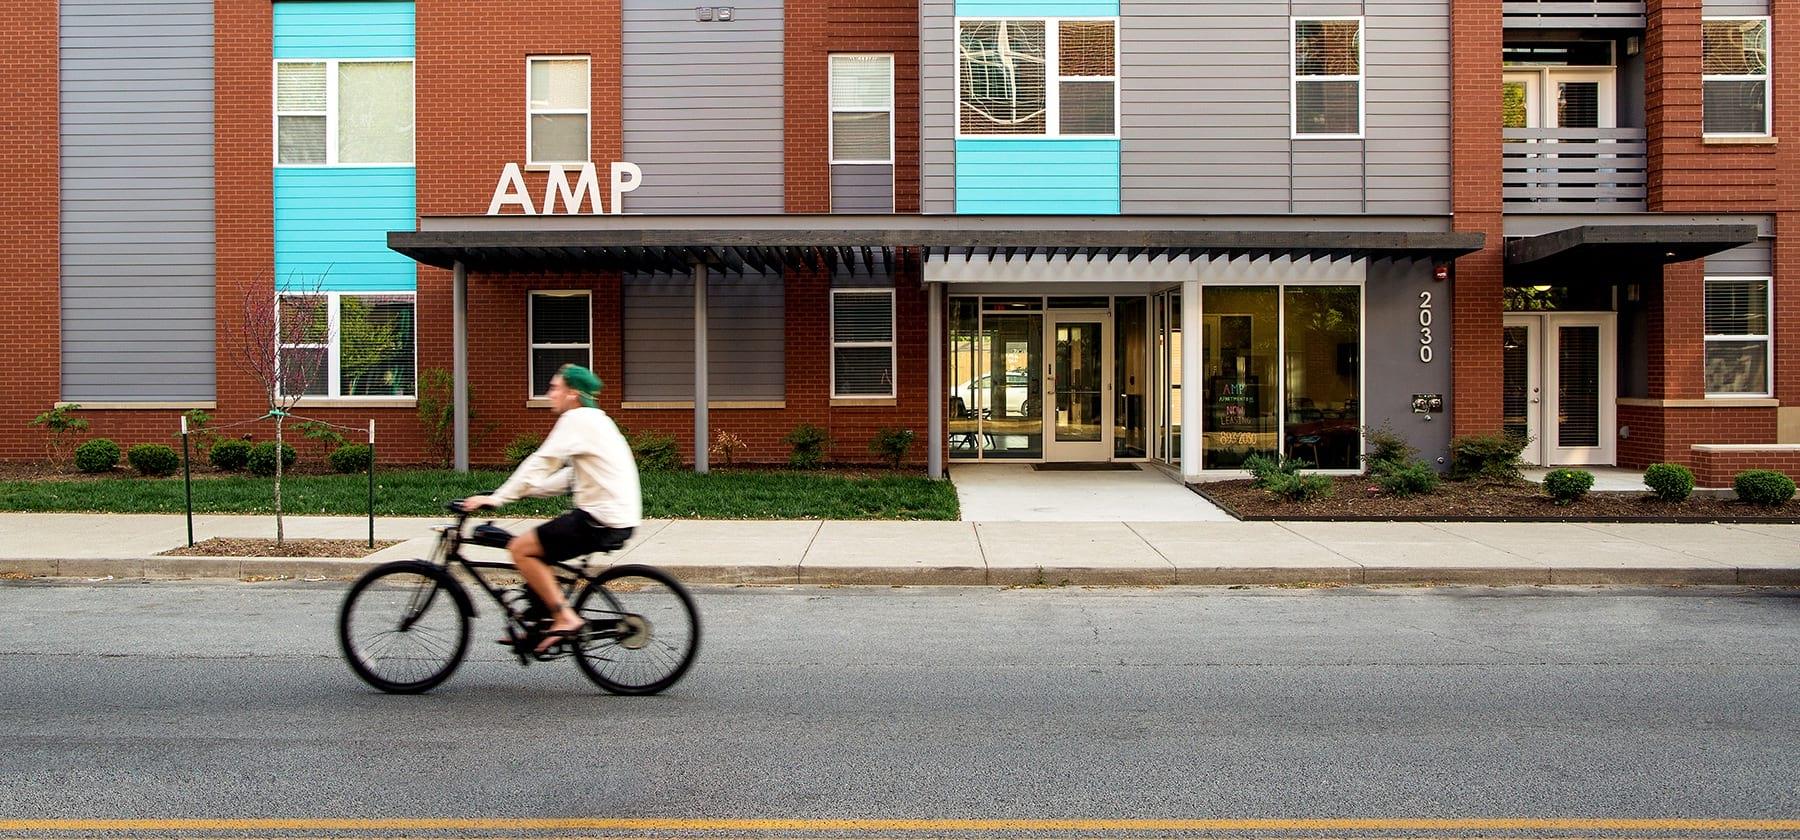 AMP - Louisville, KY